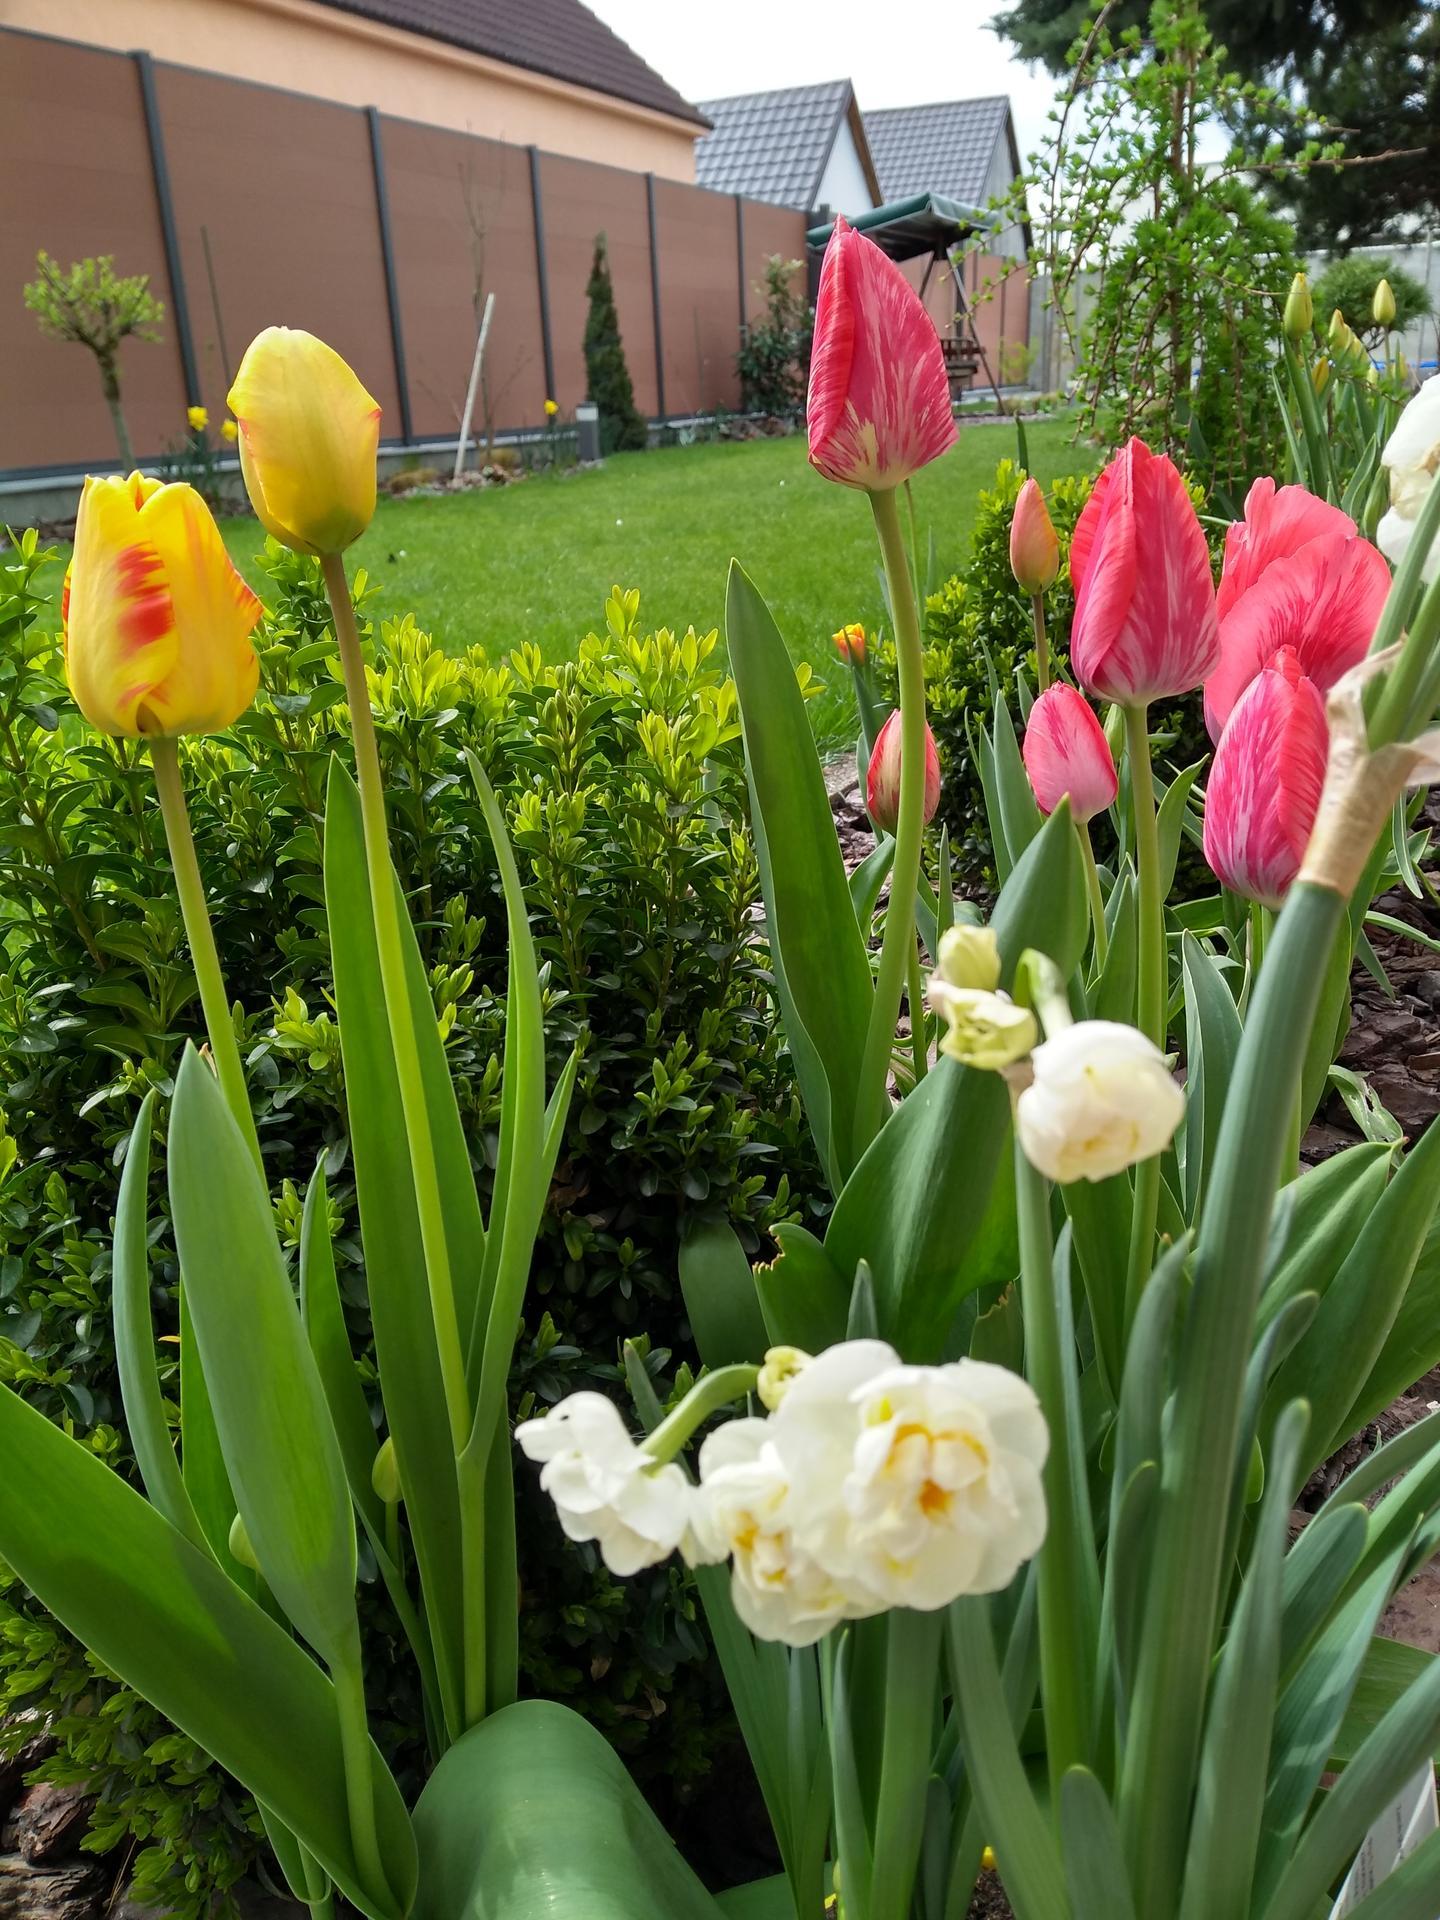 Vonku je lepšie ako vnútri 2021 - Farebná jar